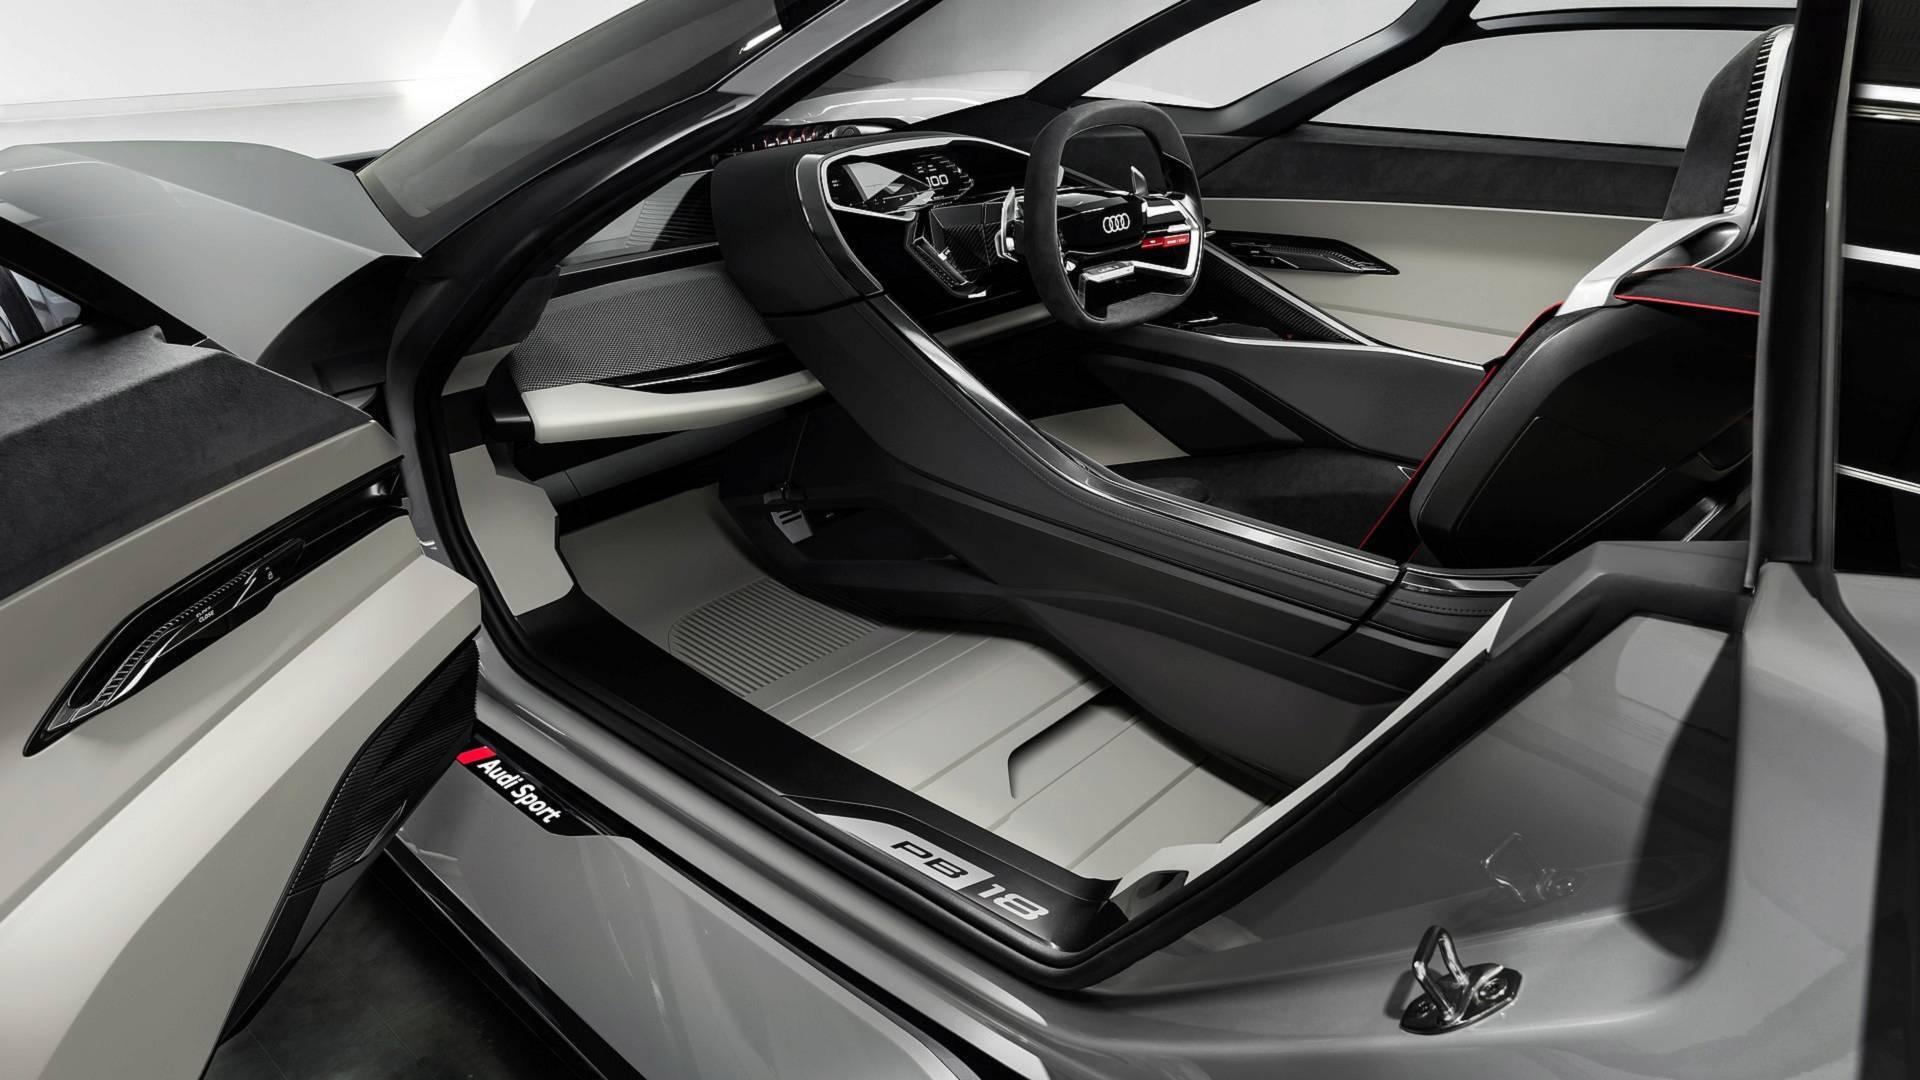 Audi Pebble Beach 18. Foto: Divulgação